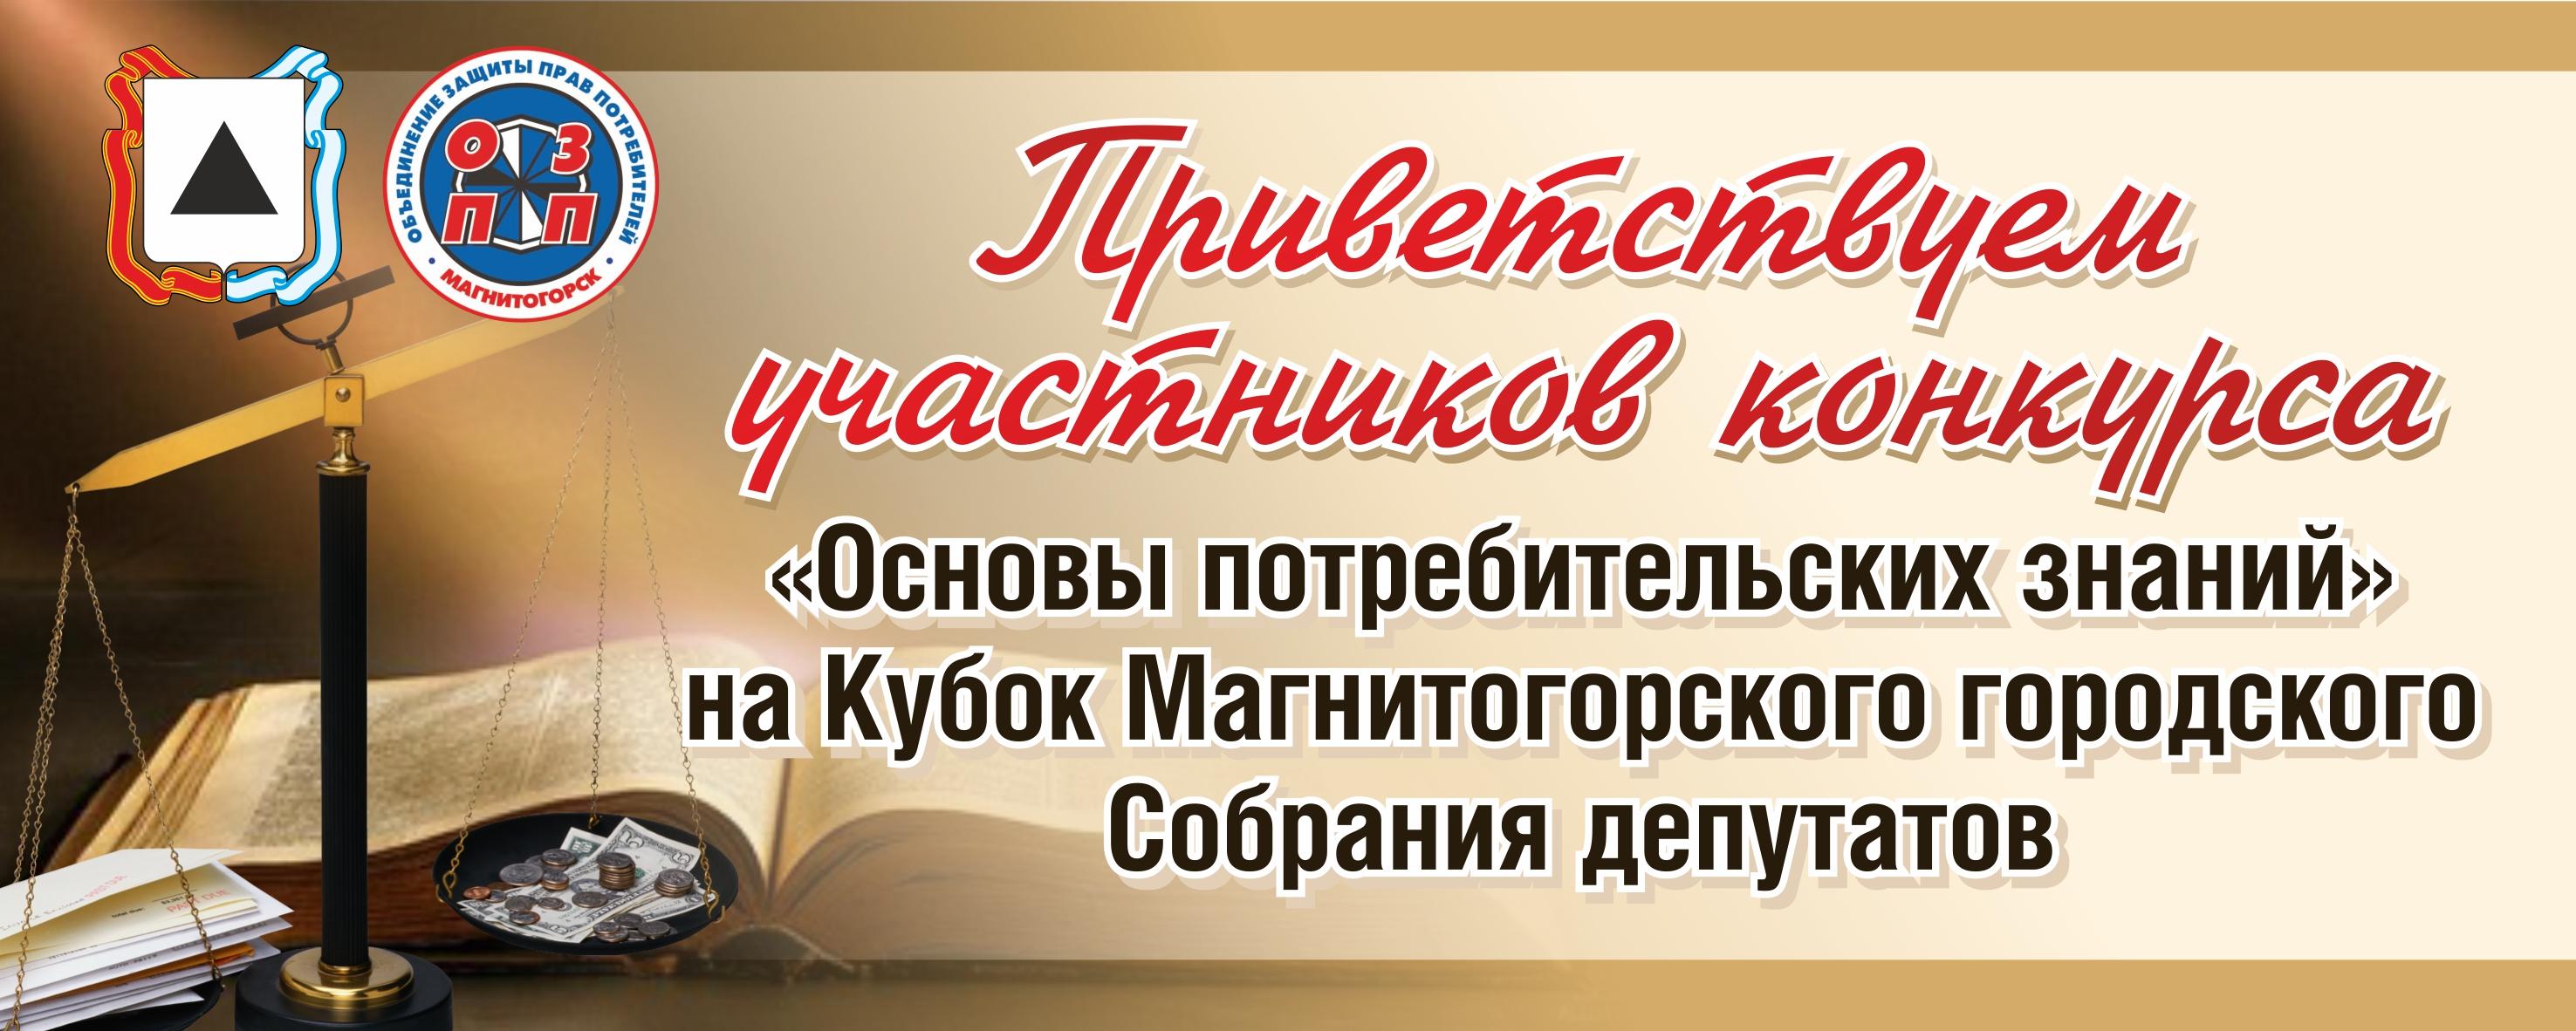 Проводится конкурс по инициативе общественной организации «Объединение защиты прав потребителей».